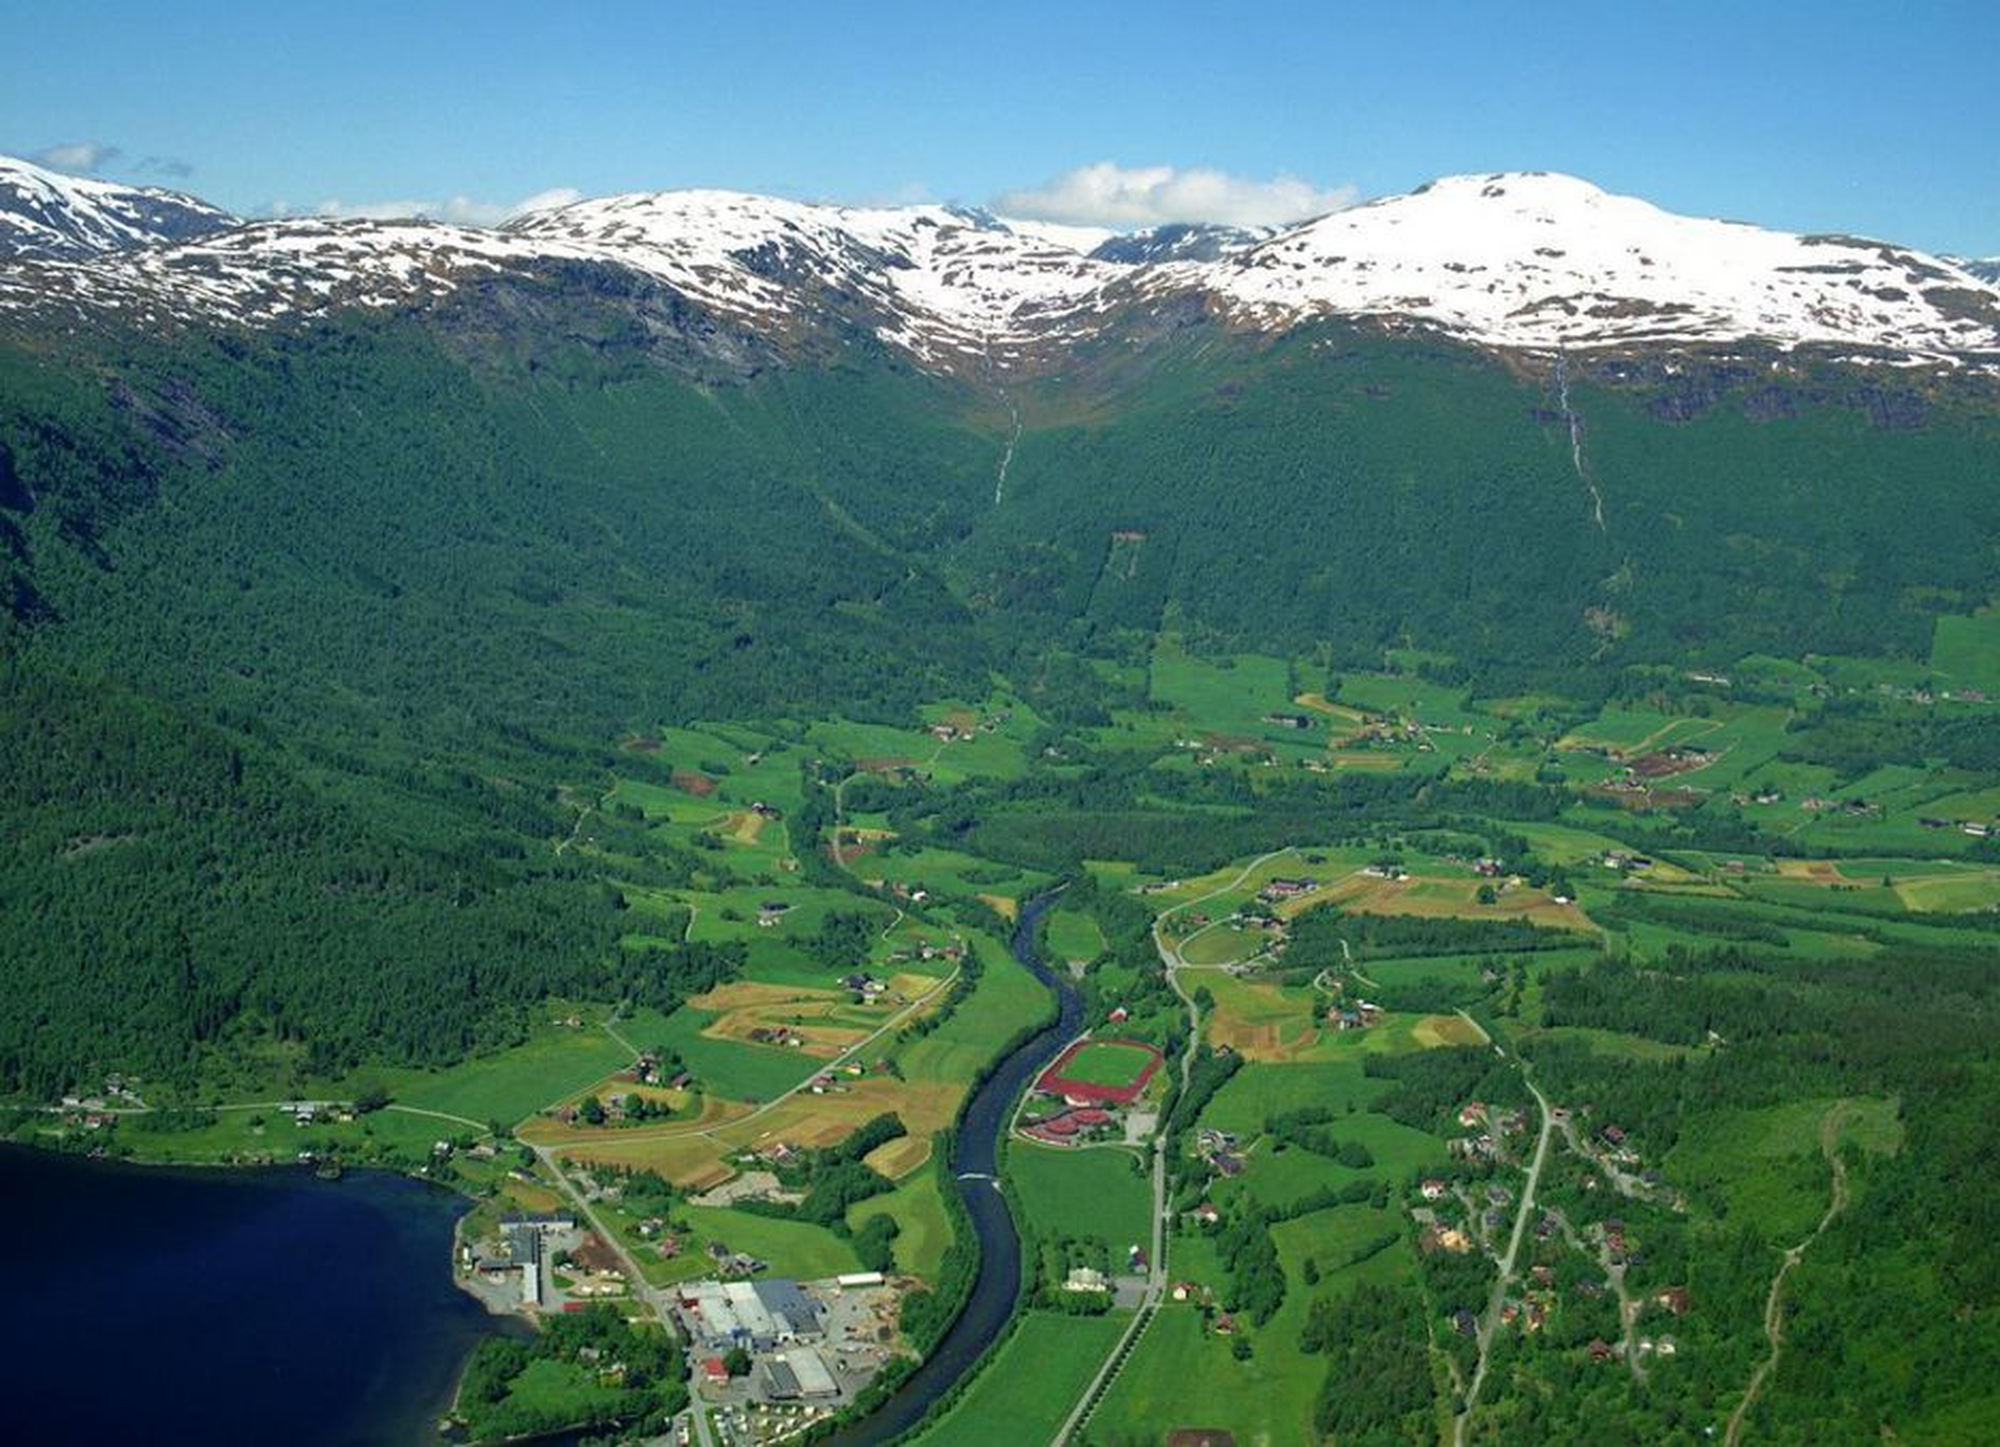 Prosjektet E39 Kvivsvegen omfatter strekningen fra bru på riksveg 60 i Grodås sentrum i  Hornindal kommune, Sogn og Fjordane (bildet) til riksveg 651 i Geitvika i Volda kommune, Møre og Romsdal.